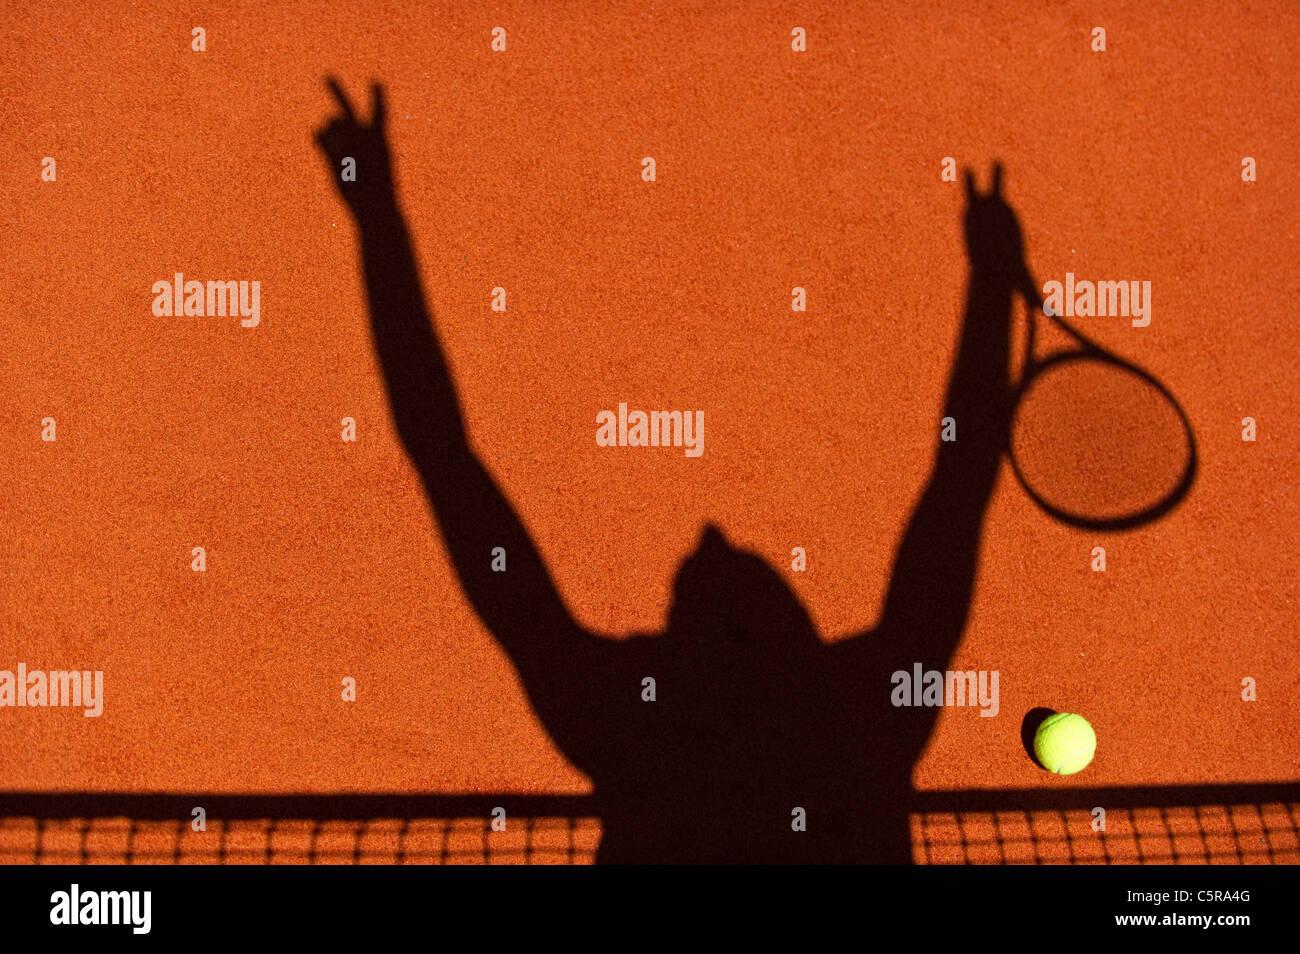 La silhouette di un giocatore di tennis celebrando al netto. Immagini Stock